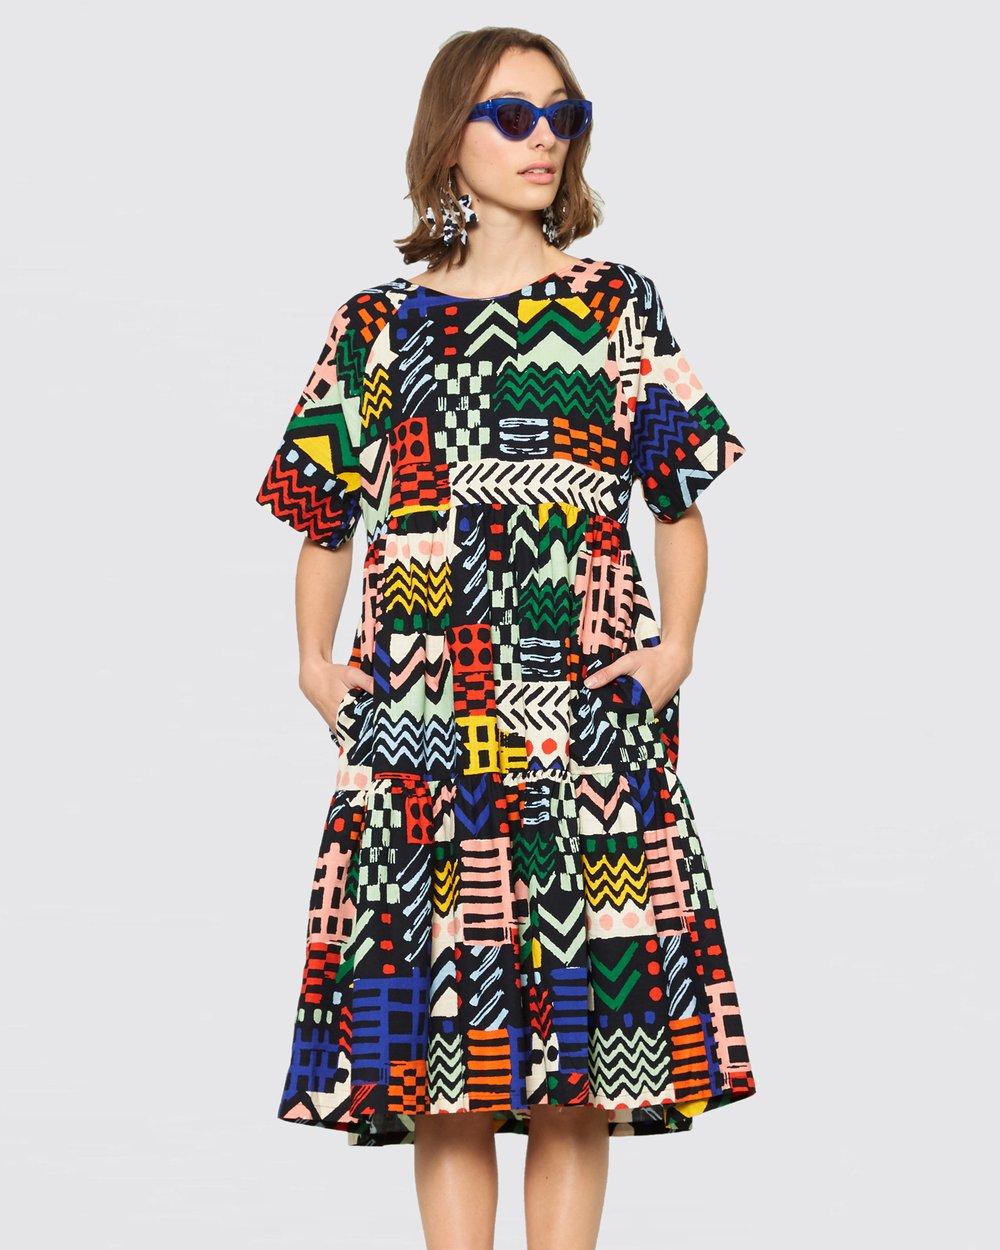 8a61043d9b1 Madagascan Dress by Gorman Online